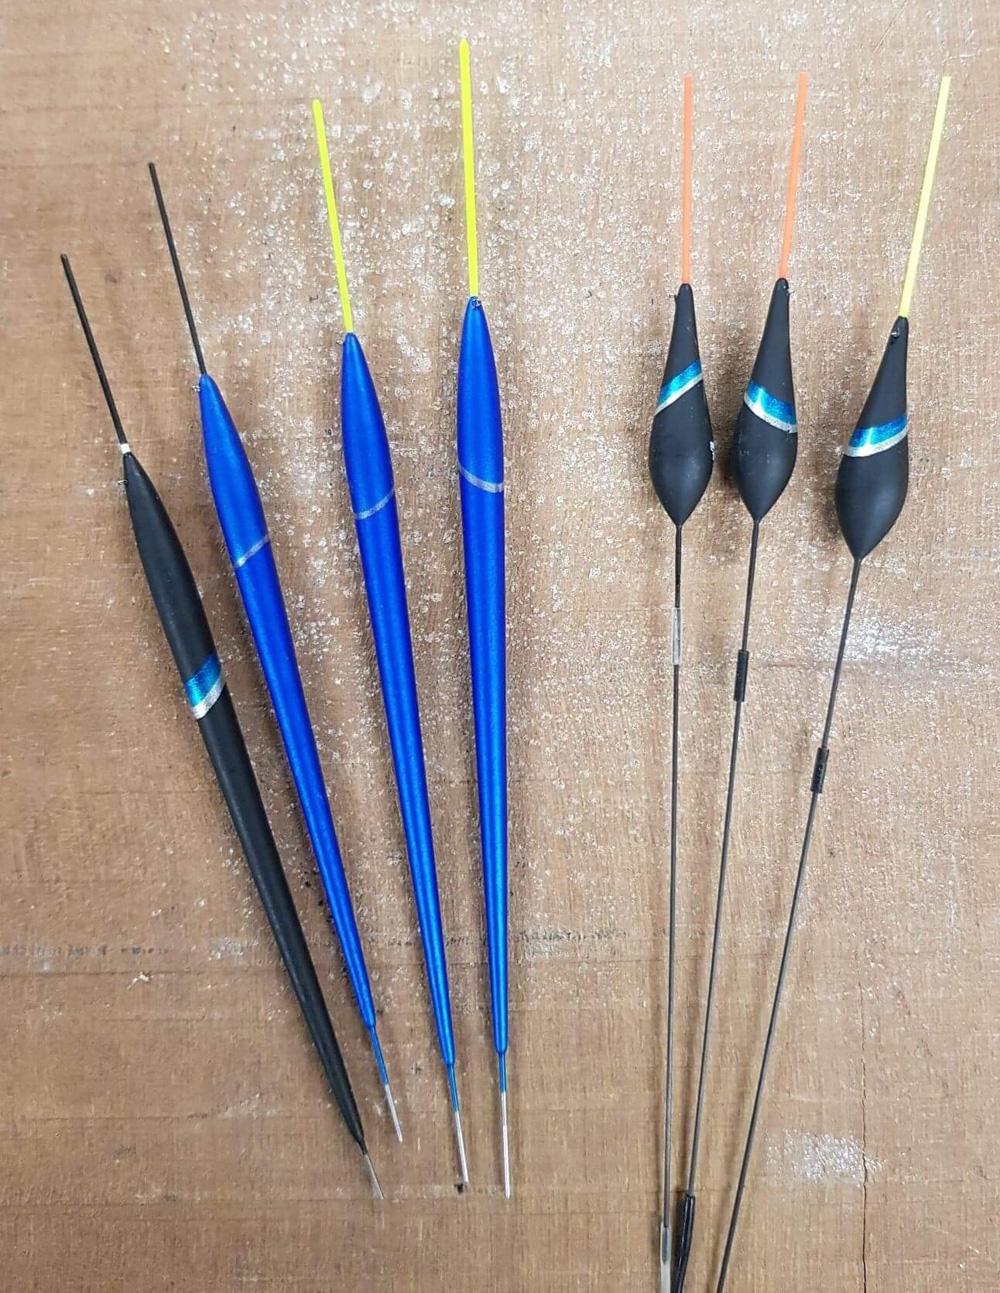 De dobbers die ik gebruik zijn vaak de rechte pennetjes met een draagvermogen van 1 tot en met 3 gram (zie foto).